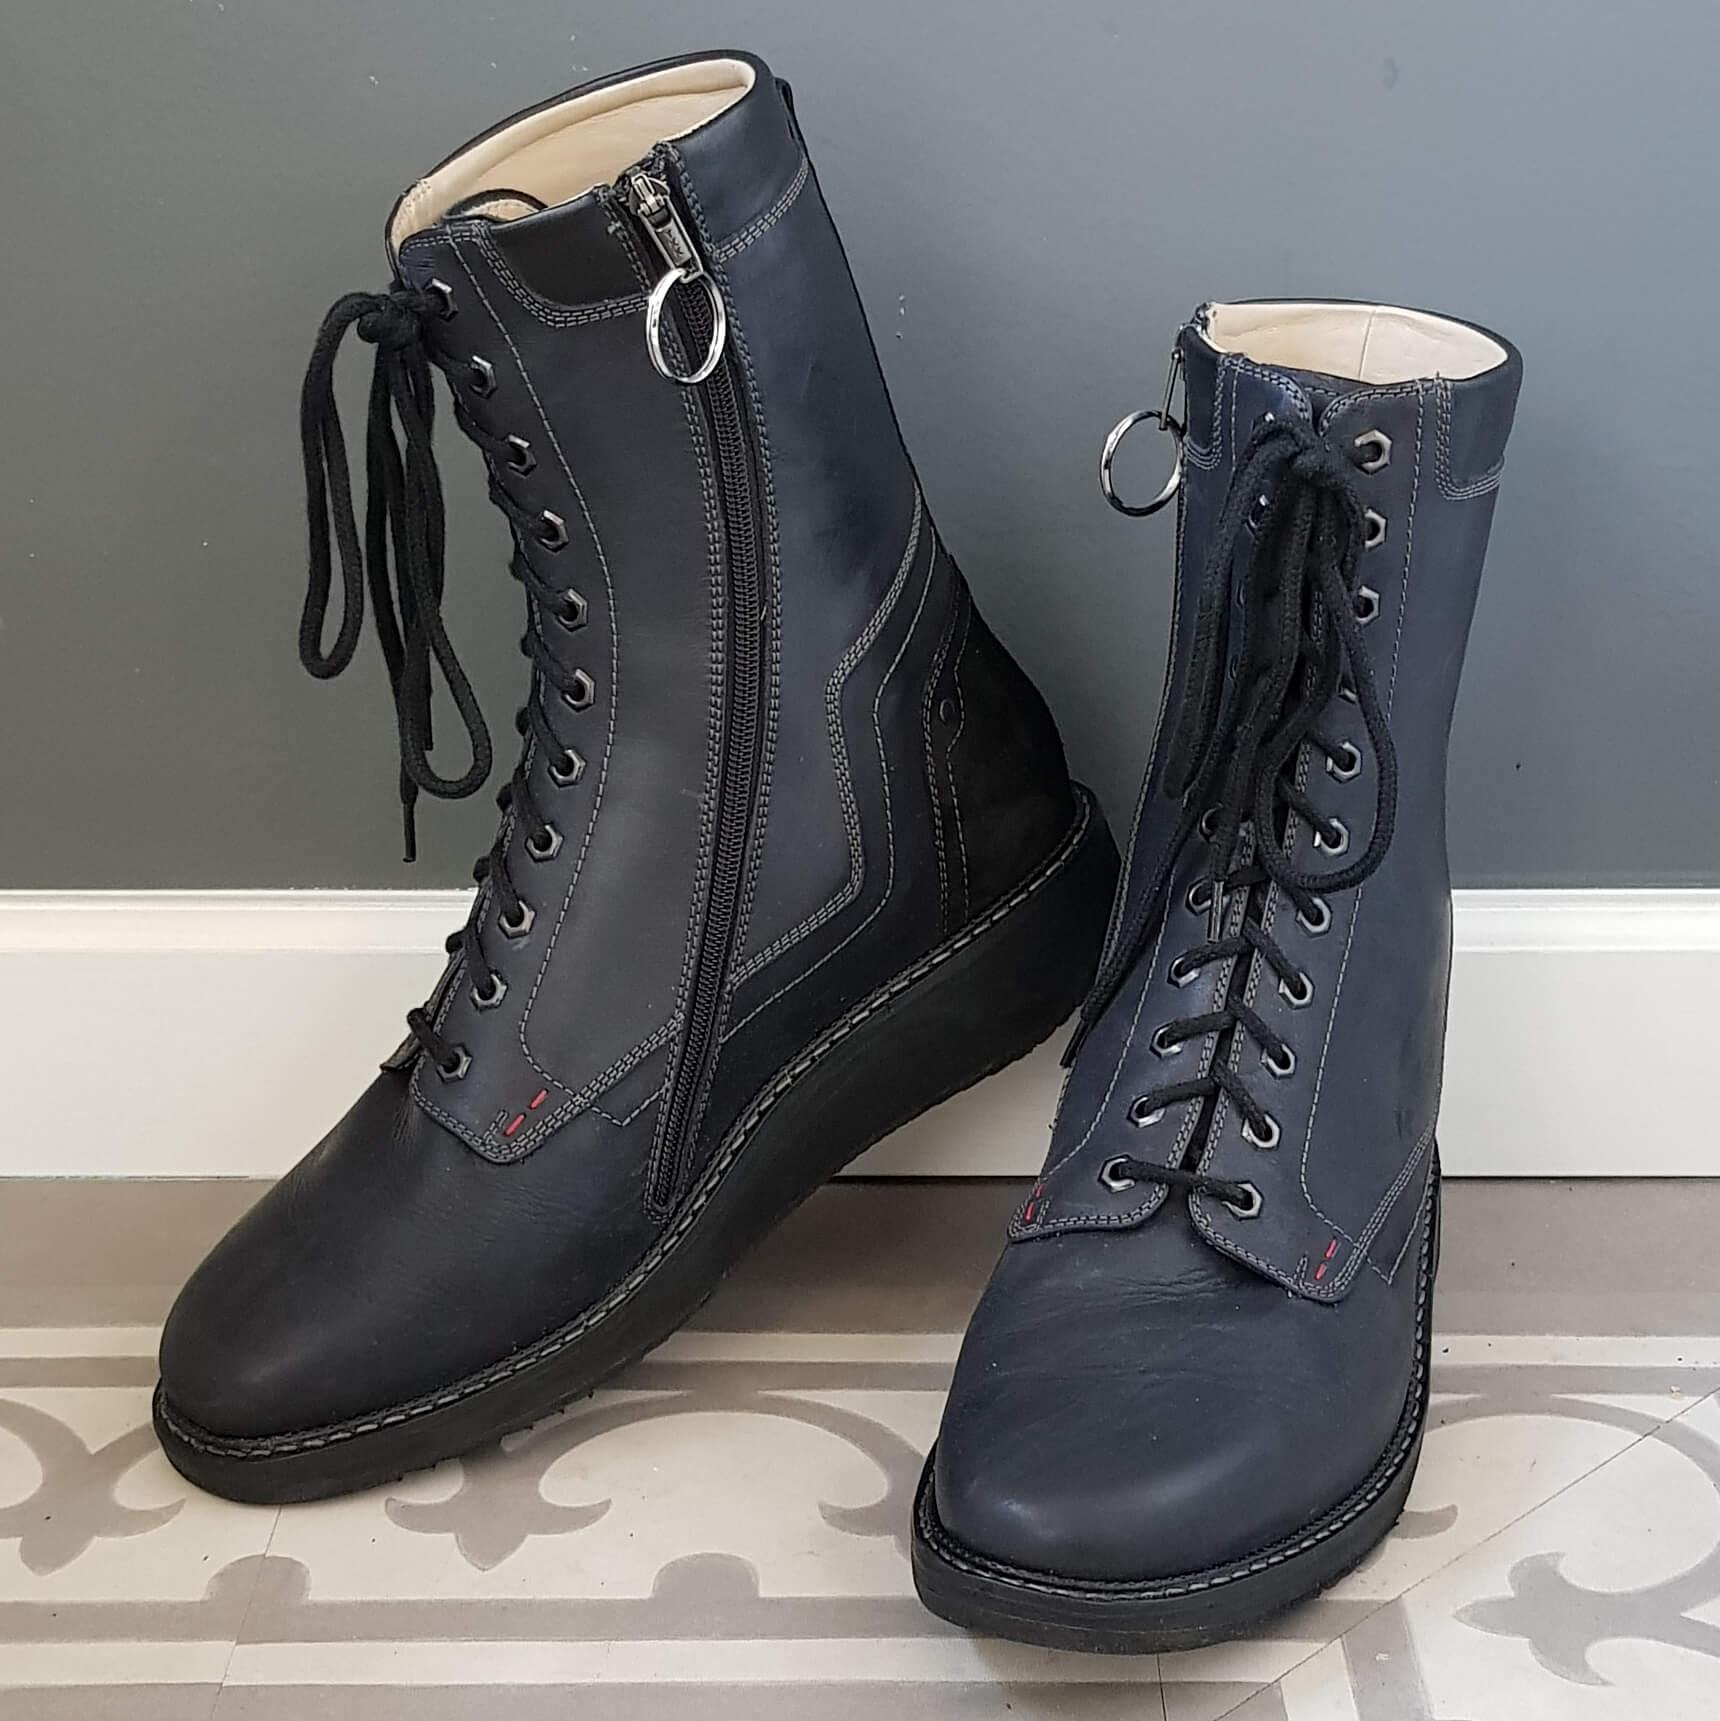 82be54a76c1 Eindresultaat van orthopedische schoenen met rits en koolstofvezel  enkelverstijving zoolverstijving en afwikkelvoorziening